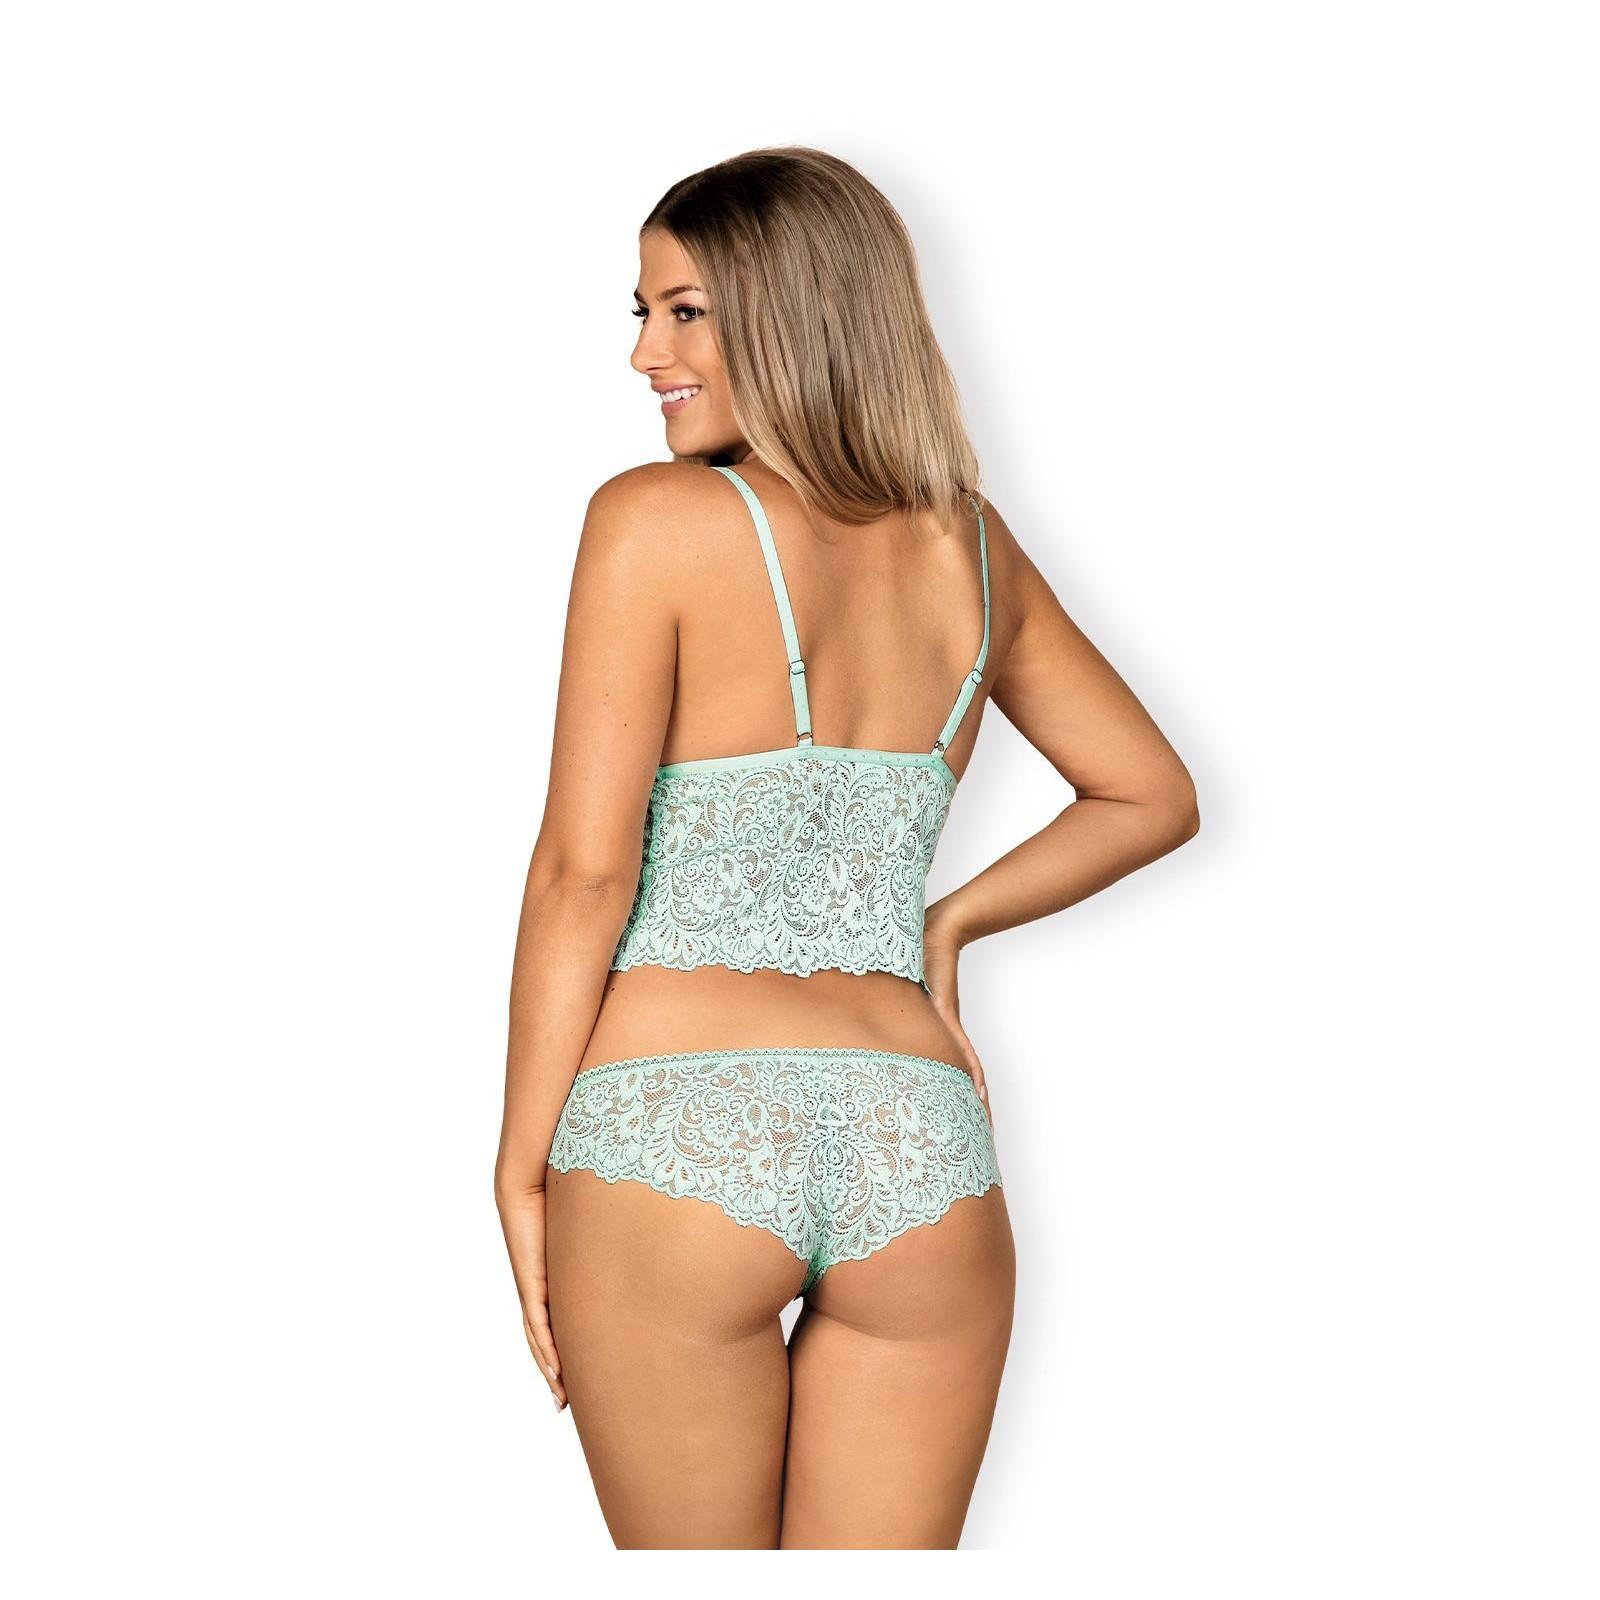 Delicanta Top & Panties mint - 4 - Vorschaubild